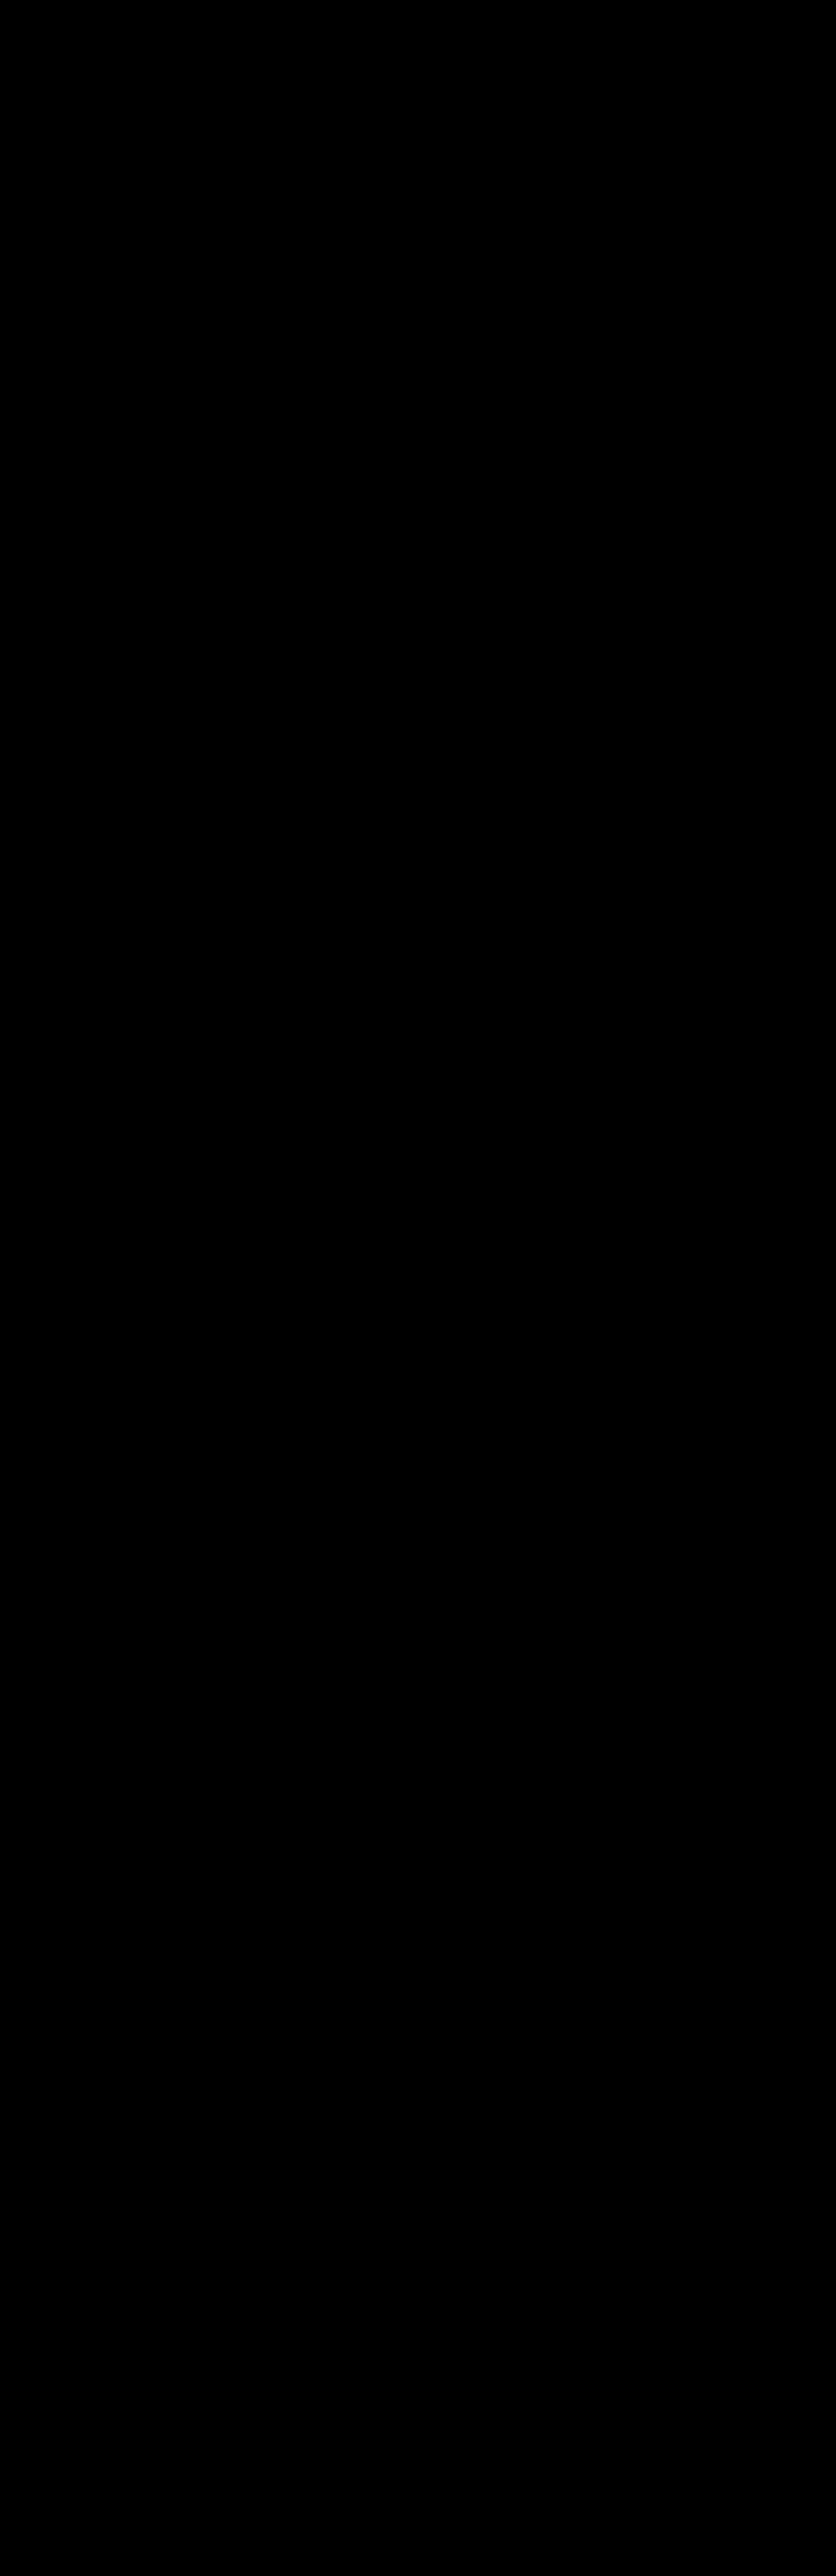 G351_1_60_nu_gundam_gk_007_2.jpg